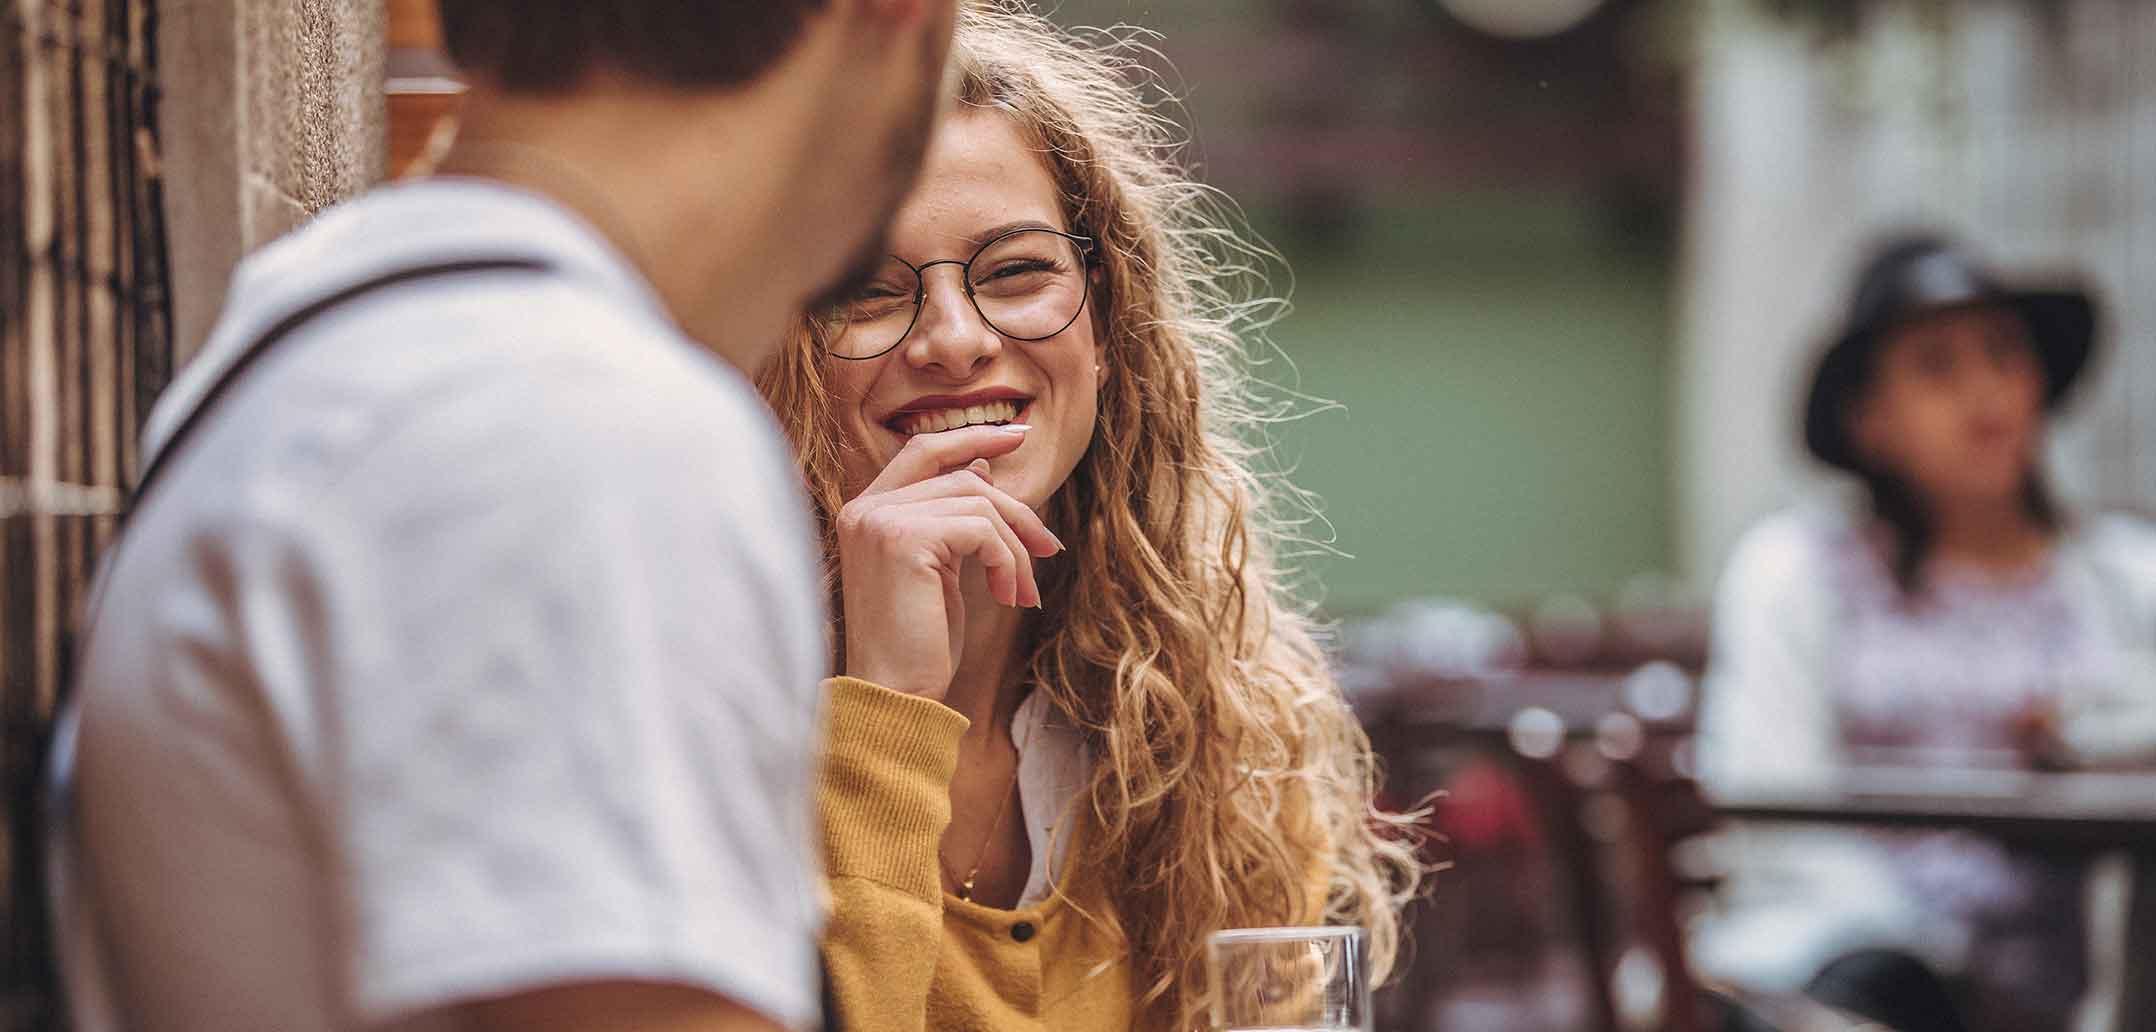 Mann verführen flirt